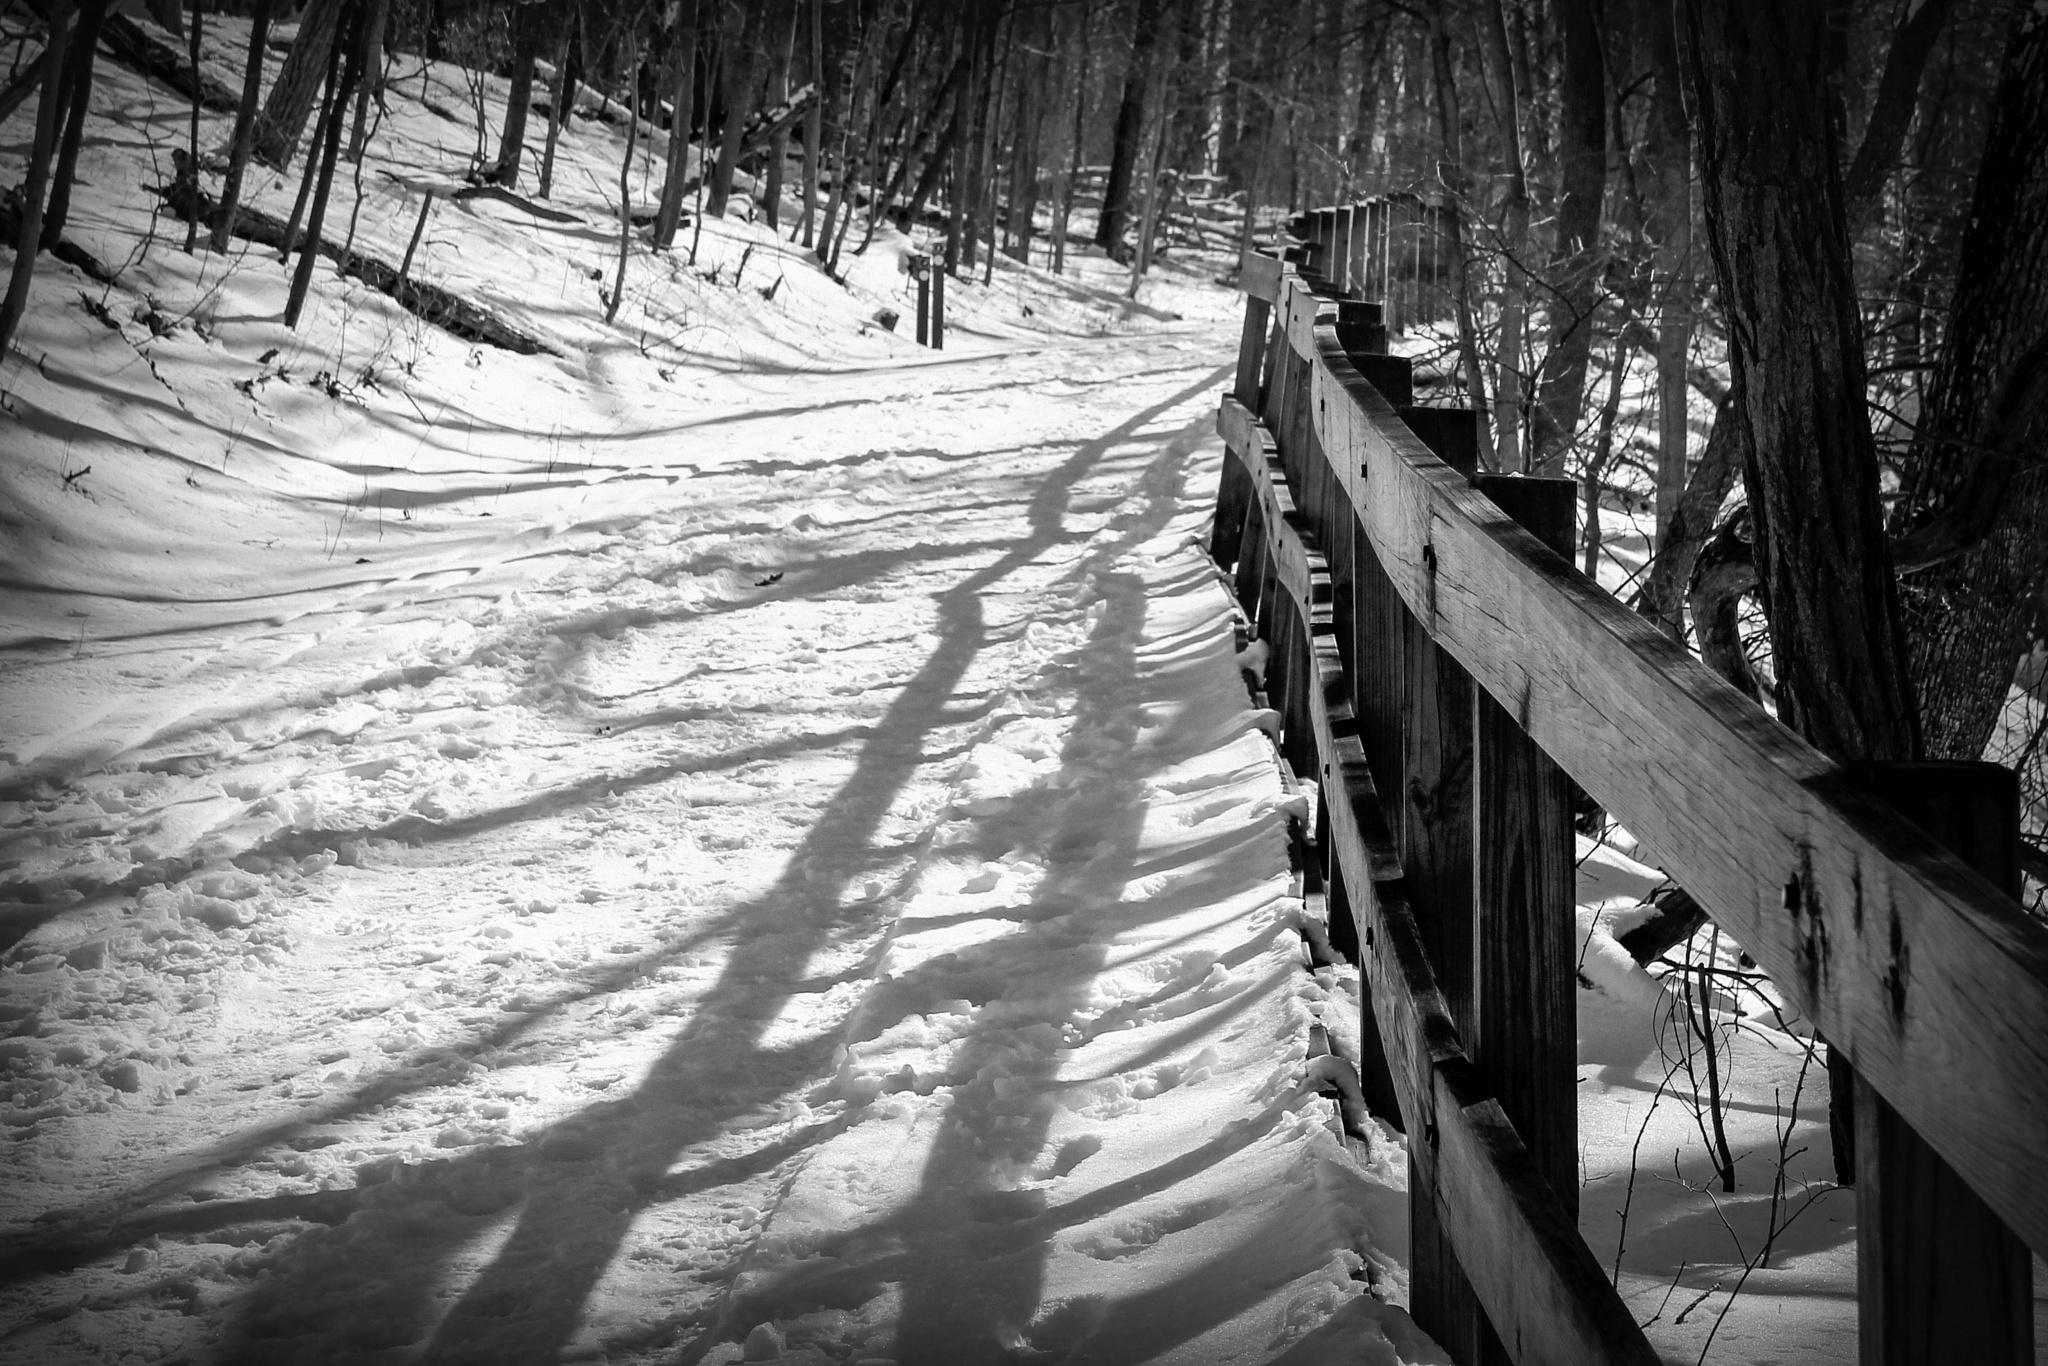 Snowy wooded trail by Mark Hootman